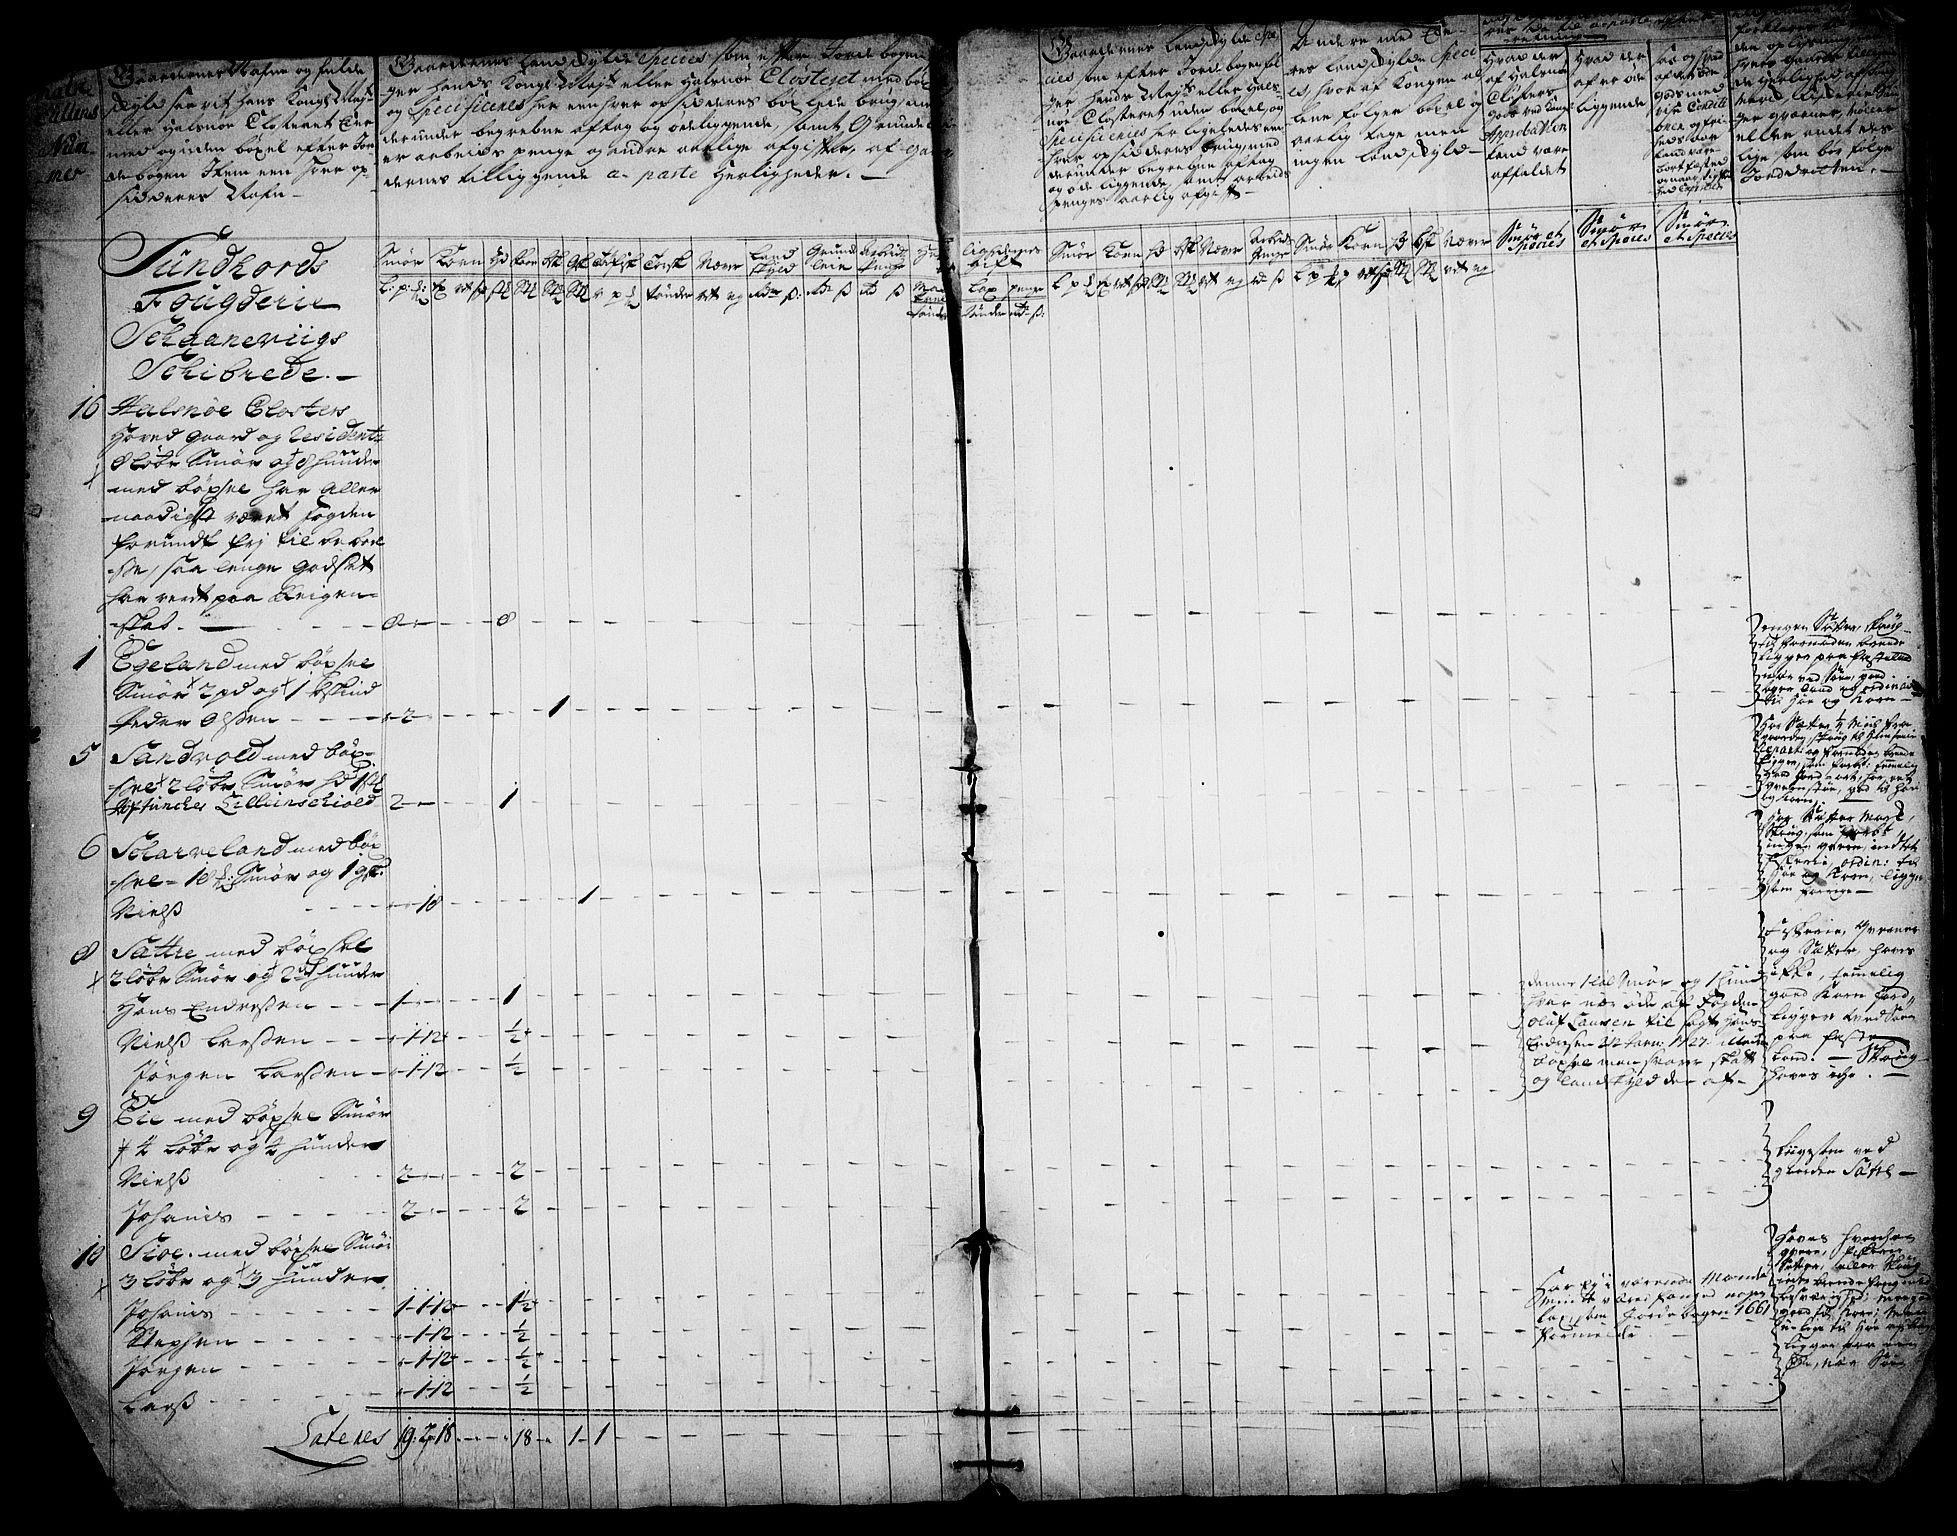 RA, Rentekammeret inntil 1814, Realistisk ordnet avdeling, On/L0003: [Jj 4]: Kommisjonsforretning over Vilhelm Hanssøns forpaktning av Halsnøy klosters gods, 1721-1729, s. 168